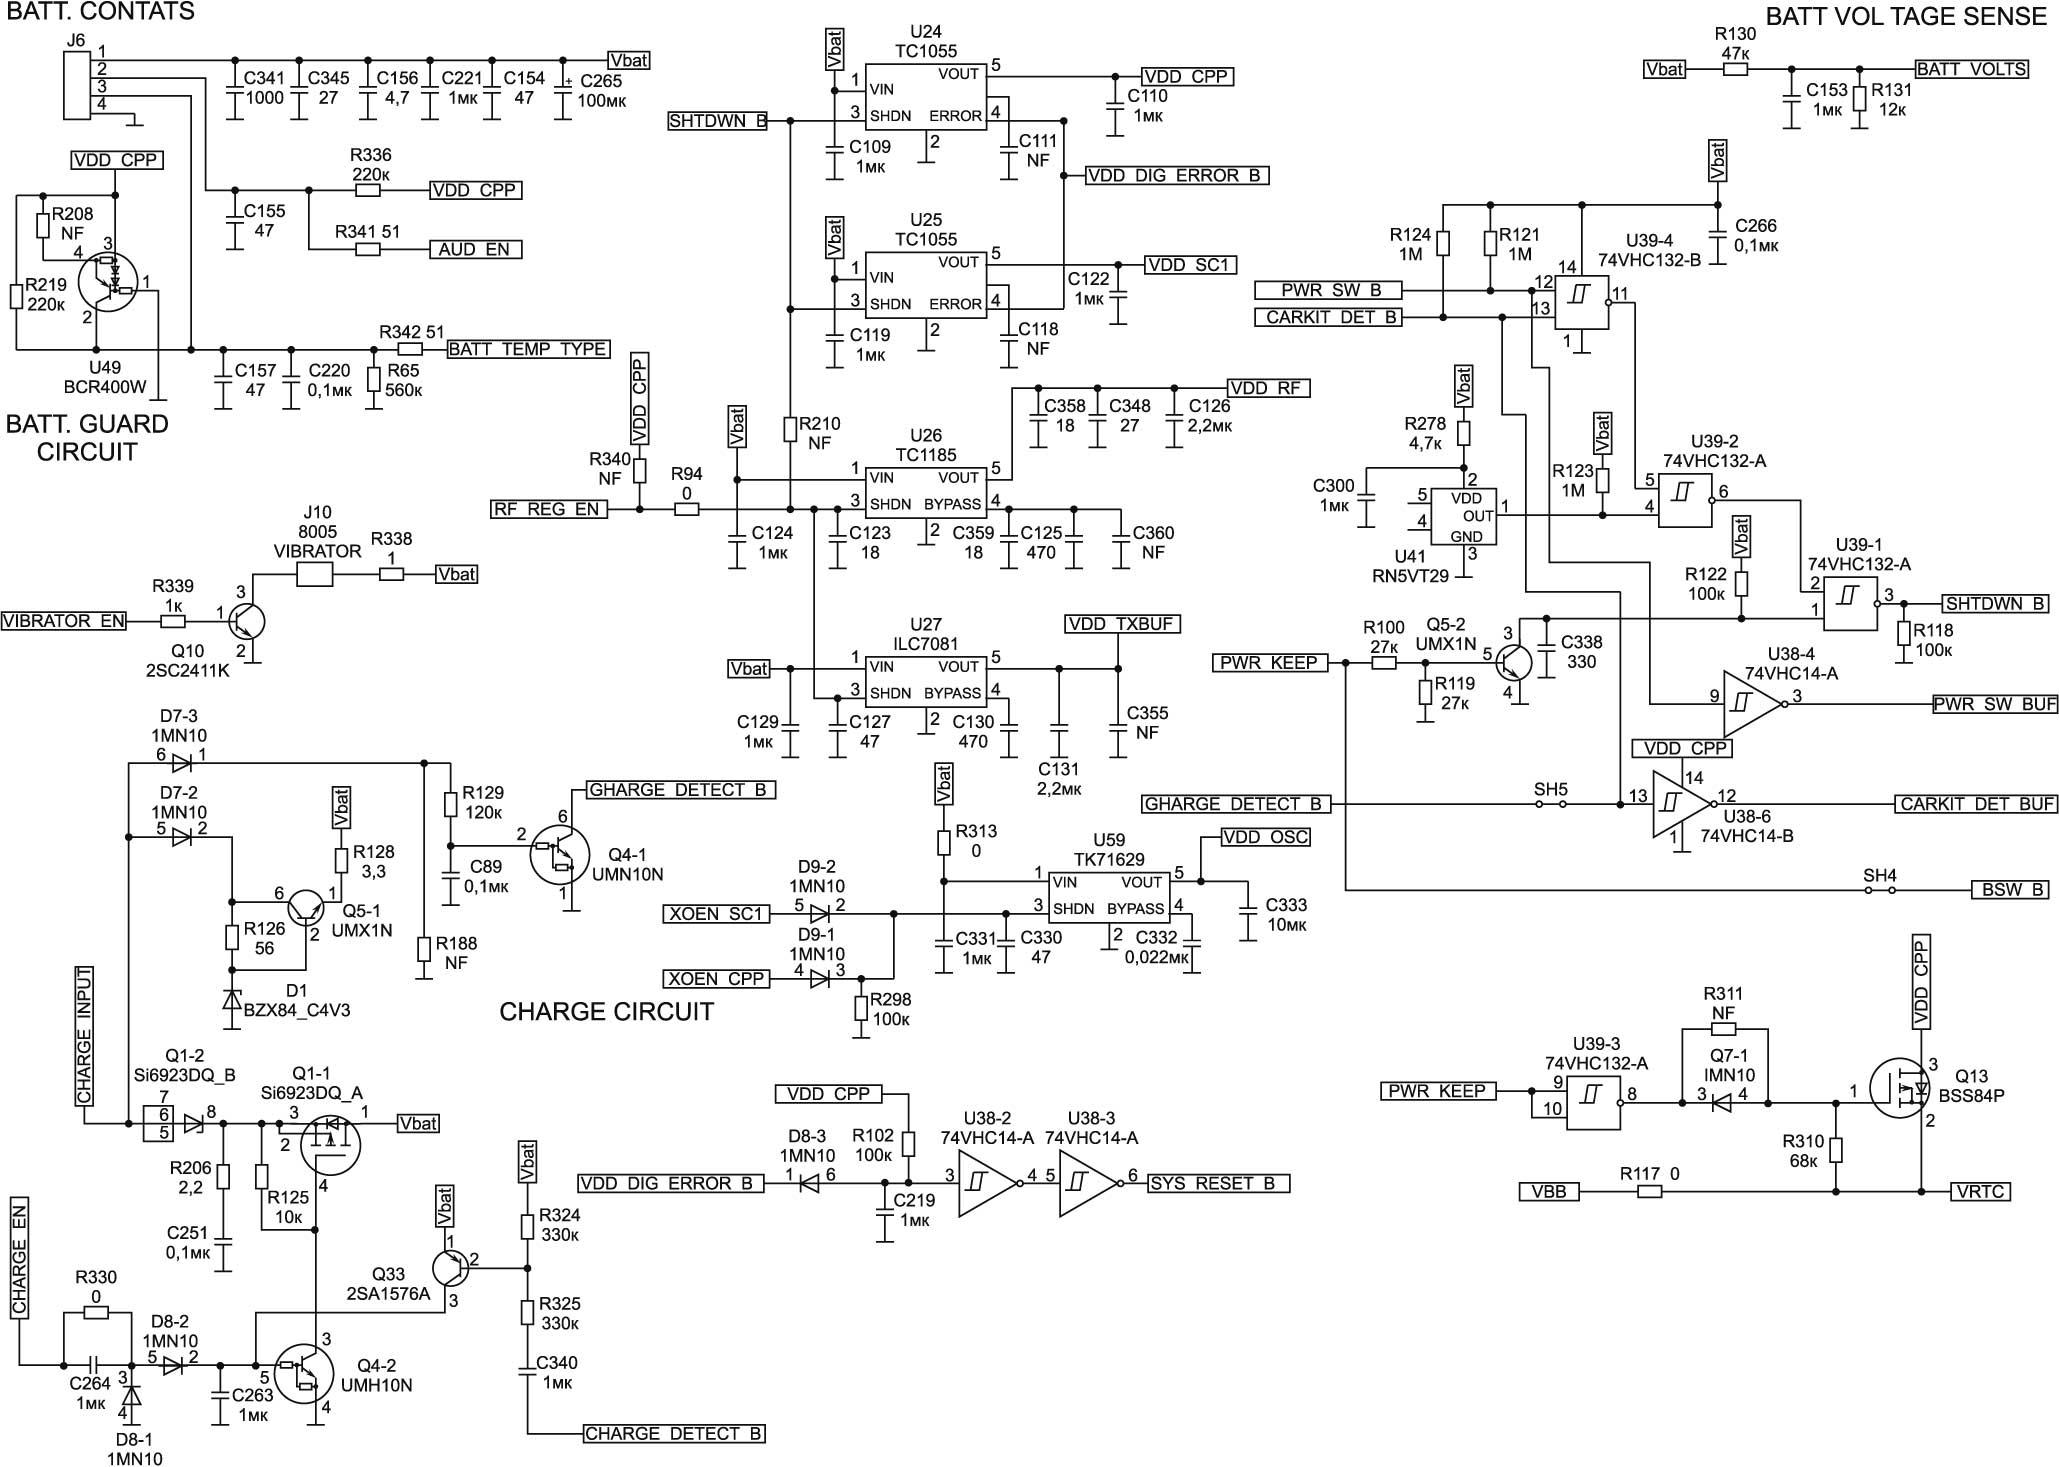 h схему принципиальную сотового kа siemens a35